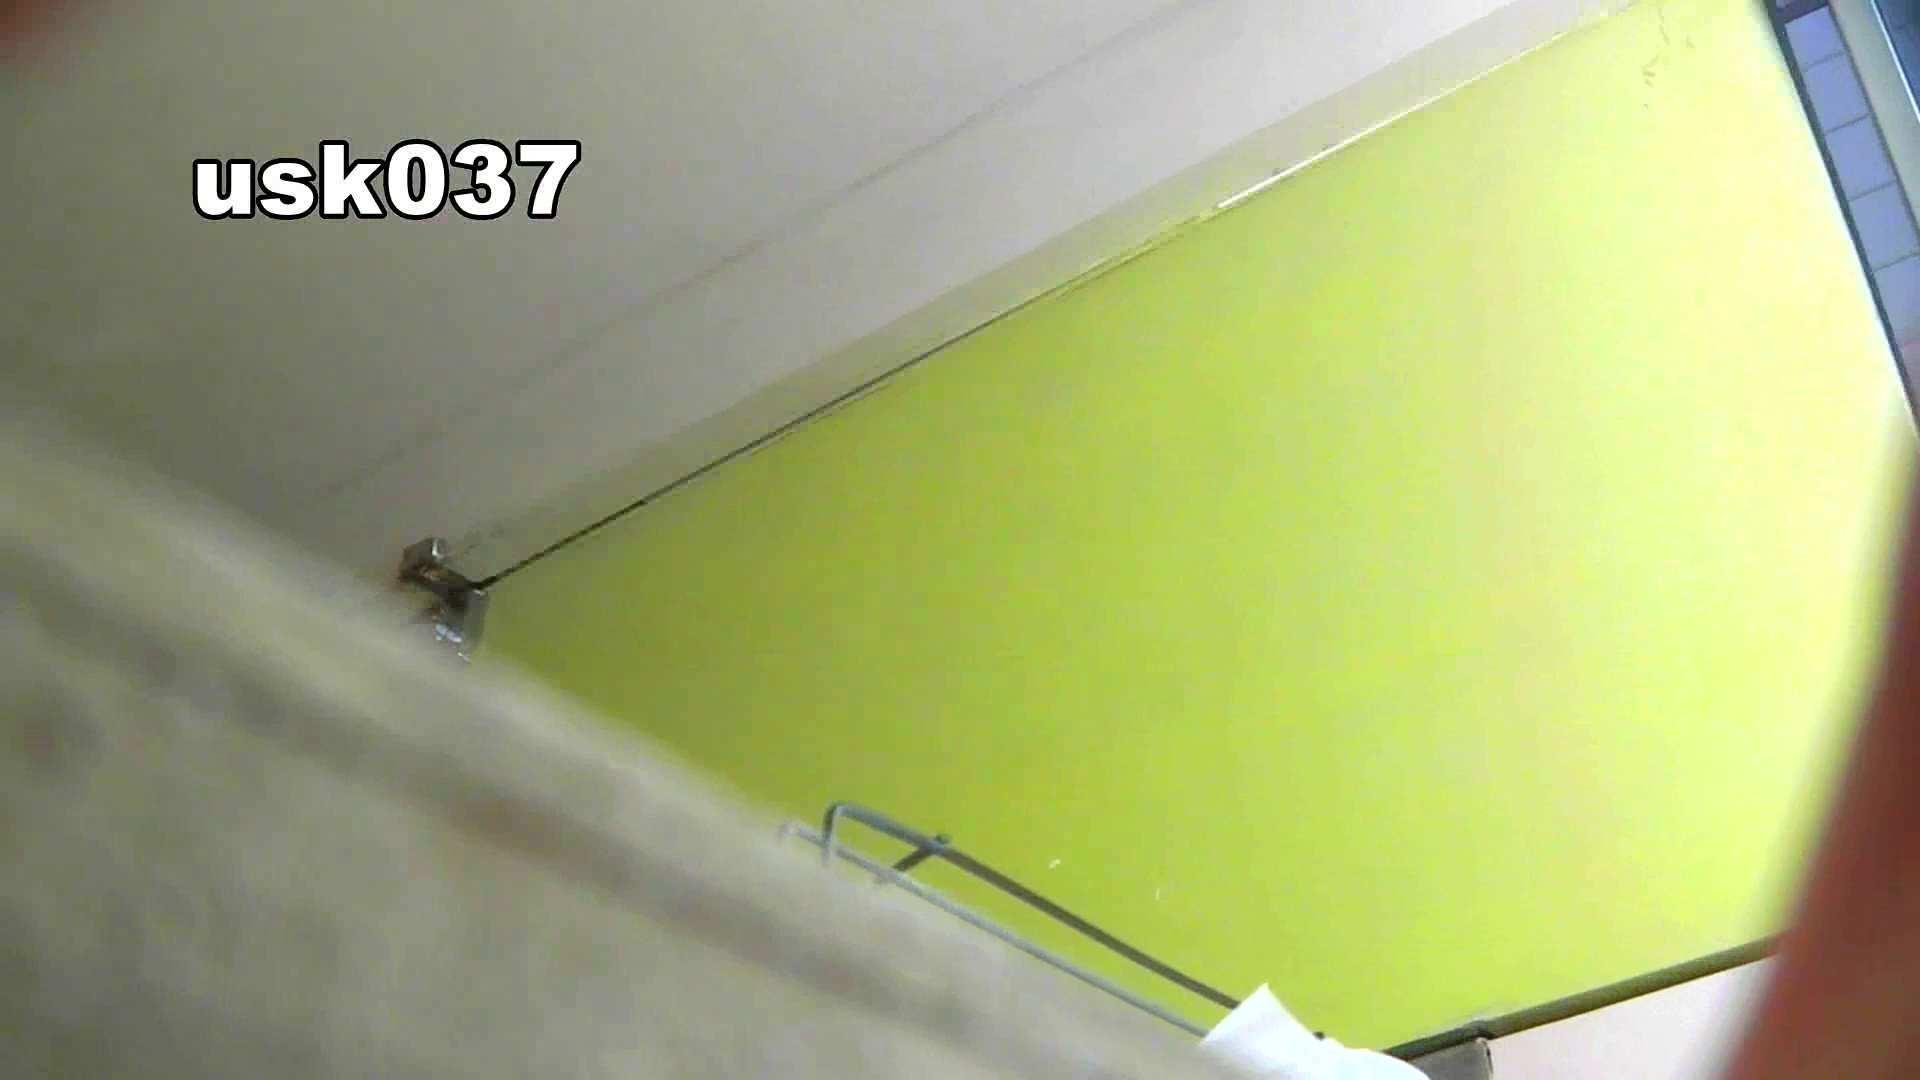 【美しき個室な世界】 vol.037 ひねり出す様子(フトイです) 洗面所   OL女体  97連発 73